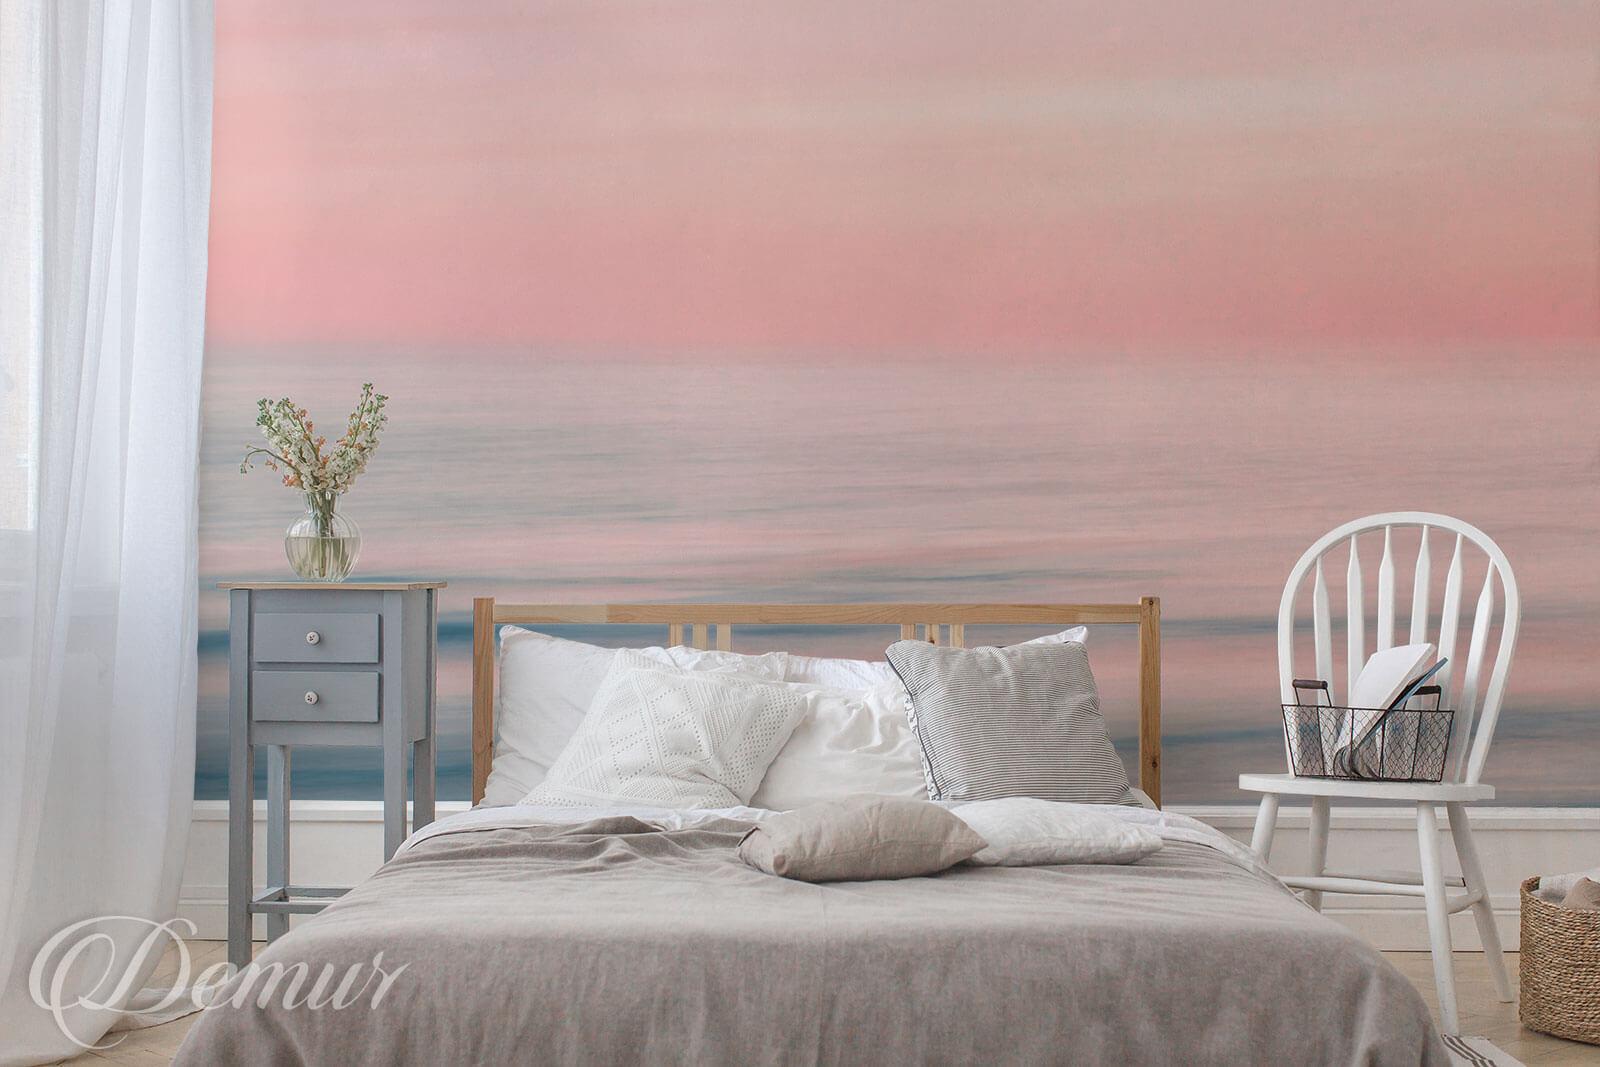 Fototapeta Pastelowy zachód słońca - Fototapety do sypialni - Demur